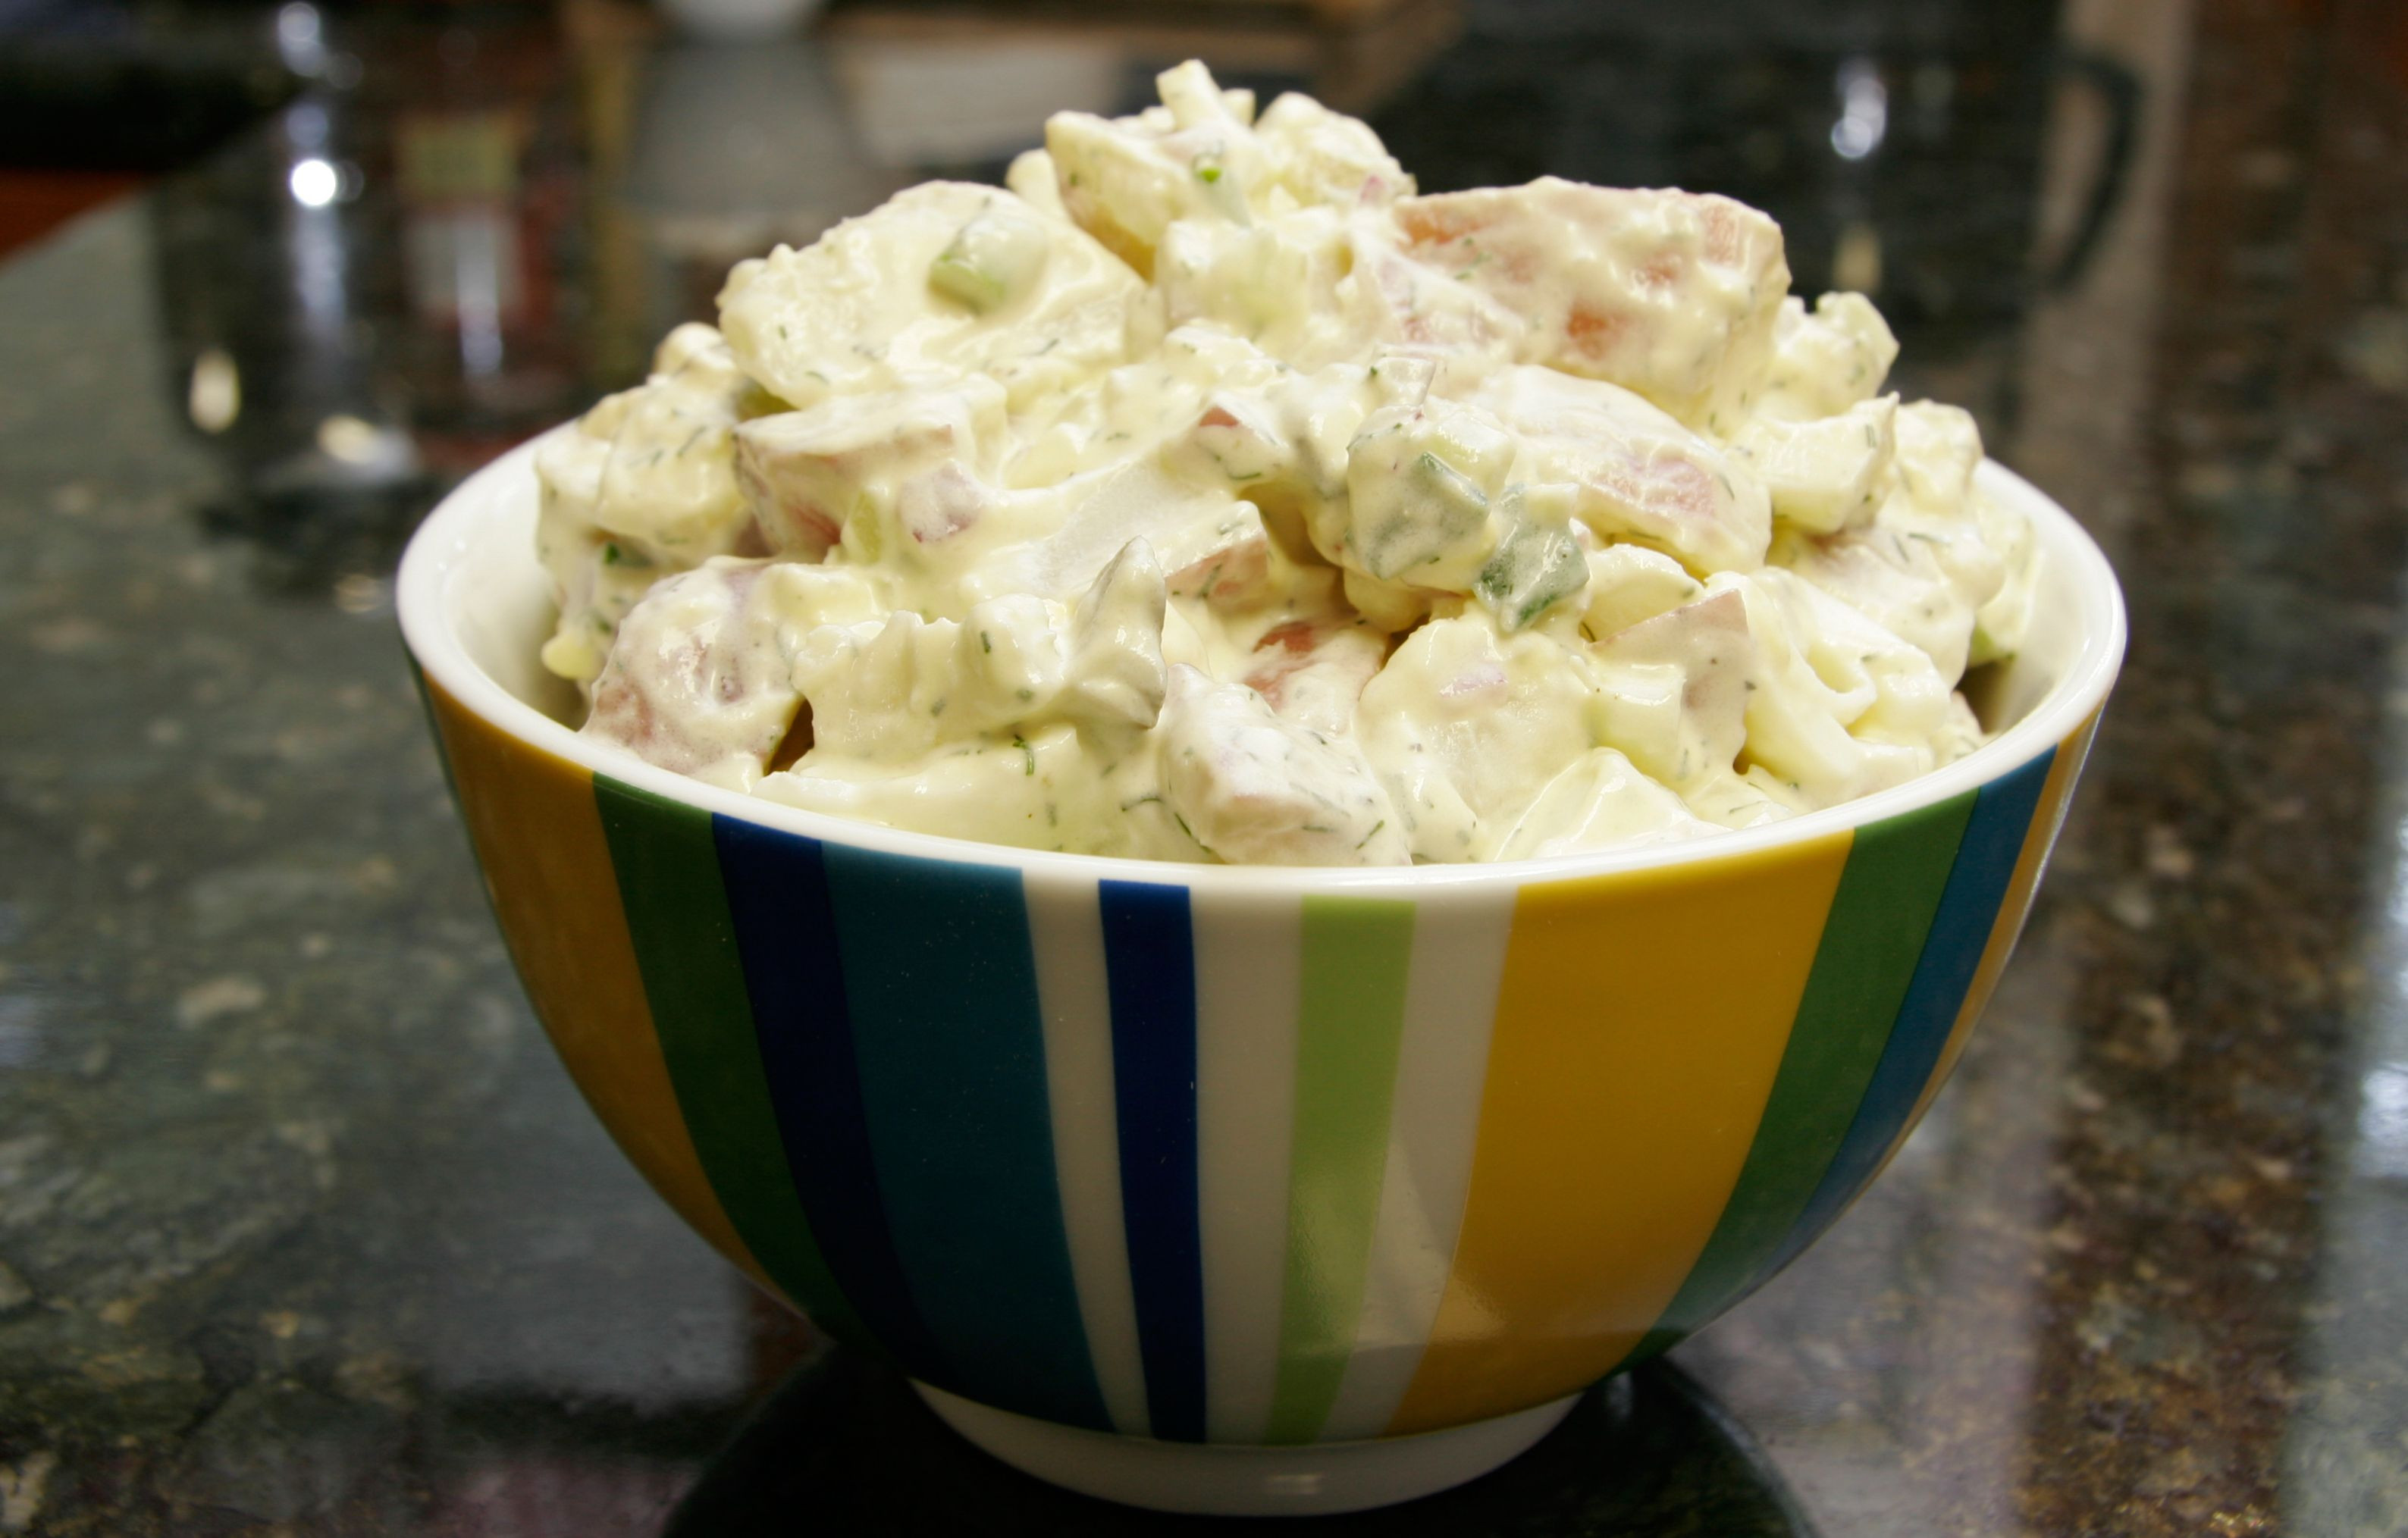 Potato Salad With Sour Cream  Sour Cream Potato and Egg Salad Recipe